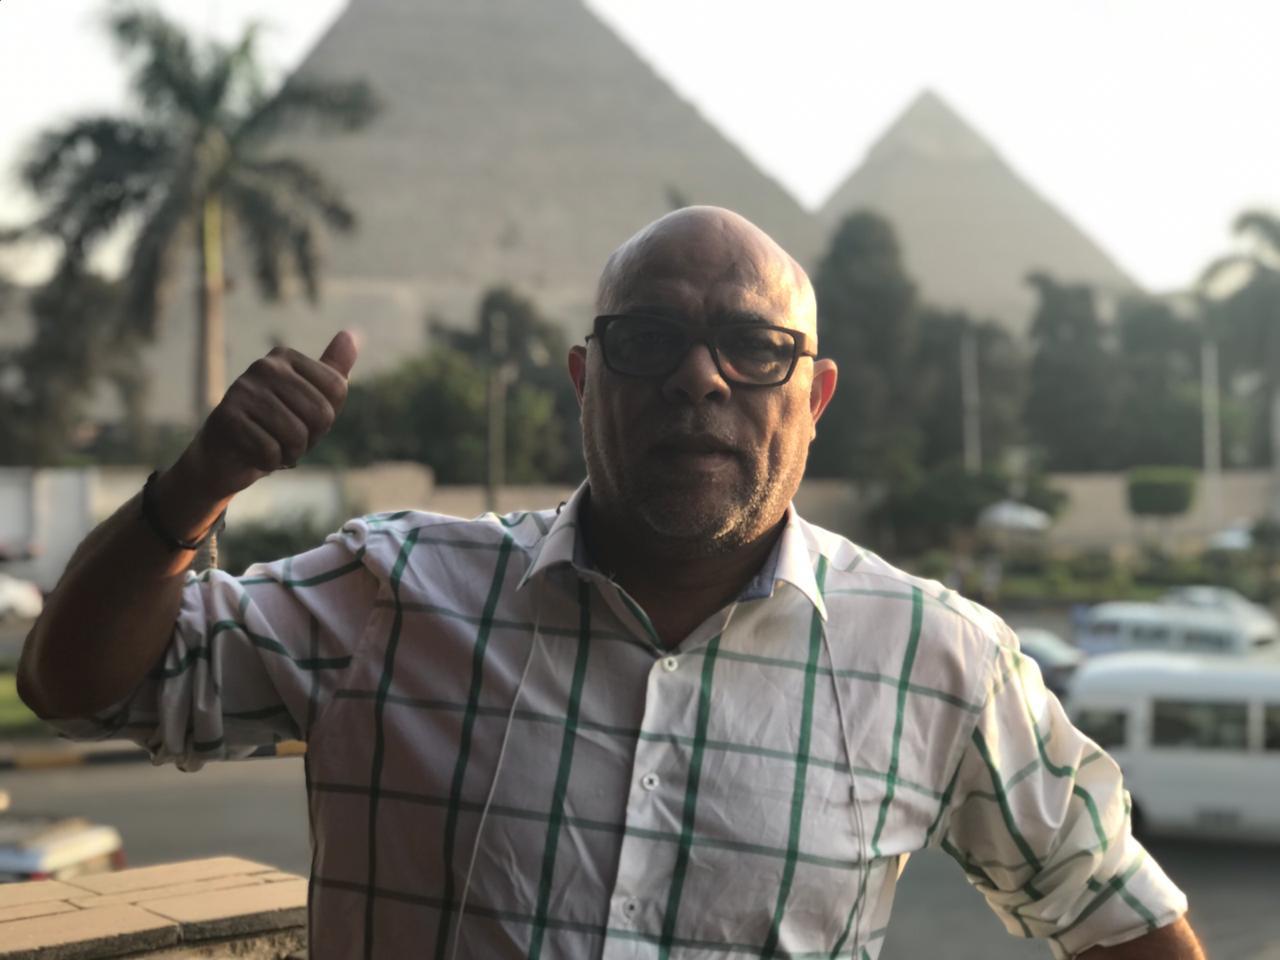 صورة عماد دبور يجمع النجوم العرب